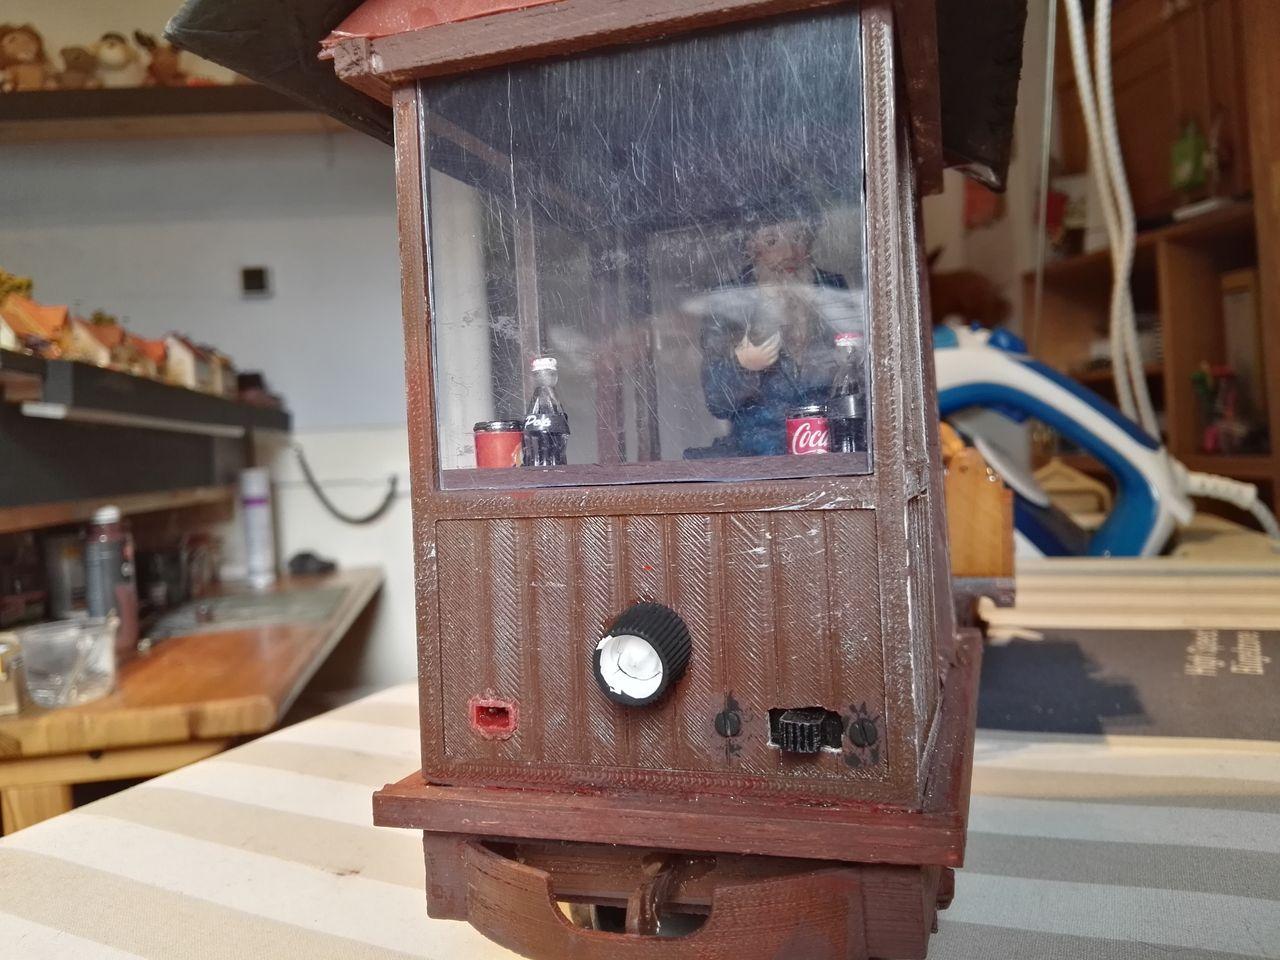 Front: Ladebuchse, Ein/Aus Schalter